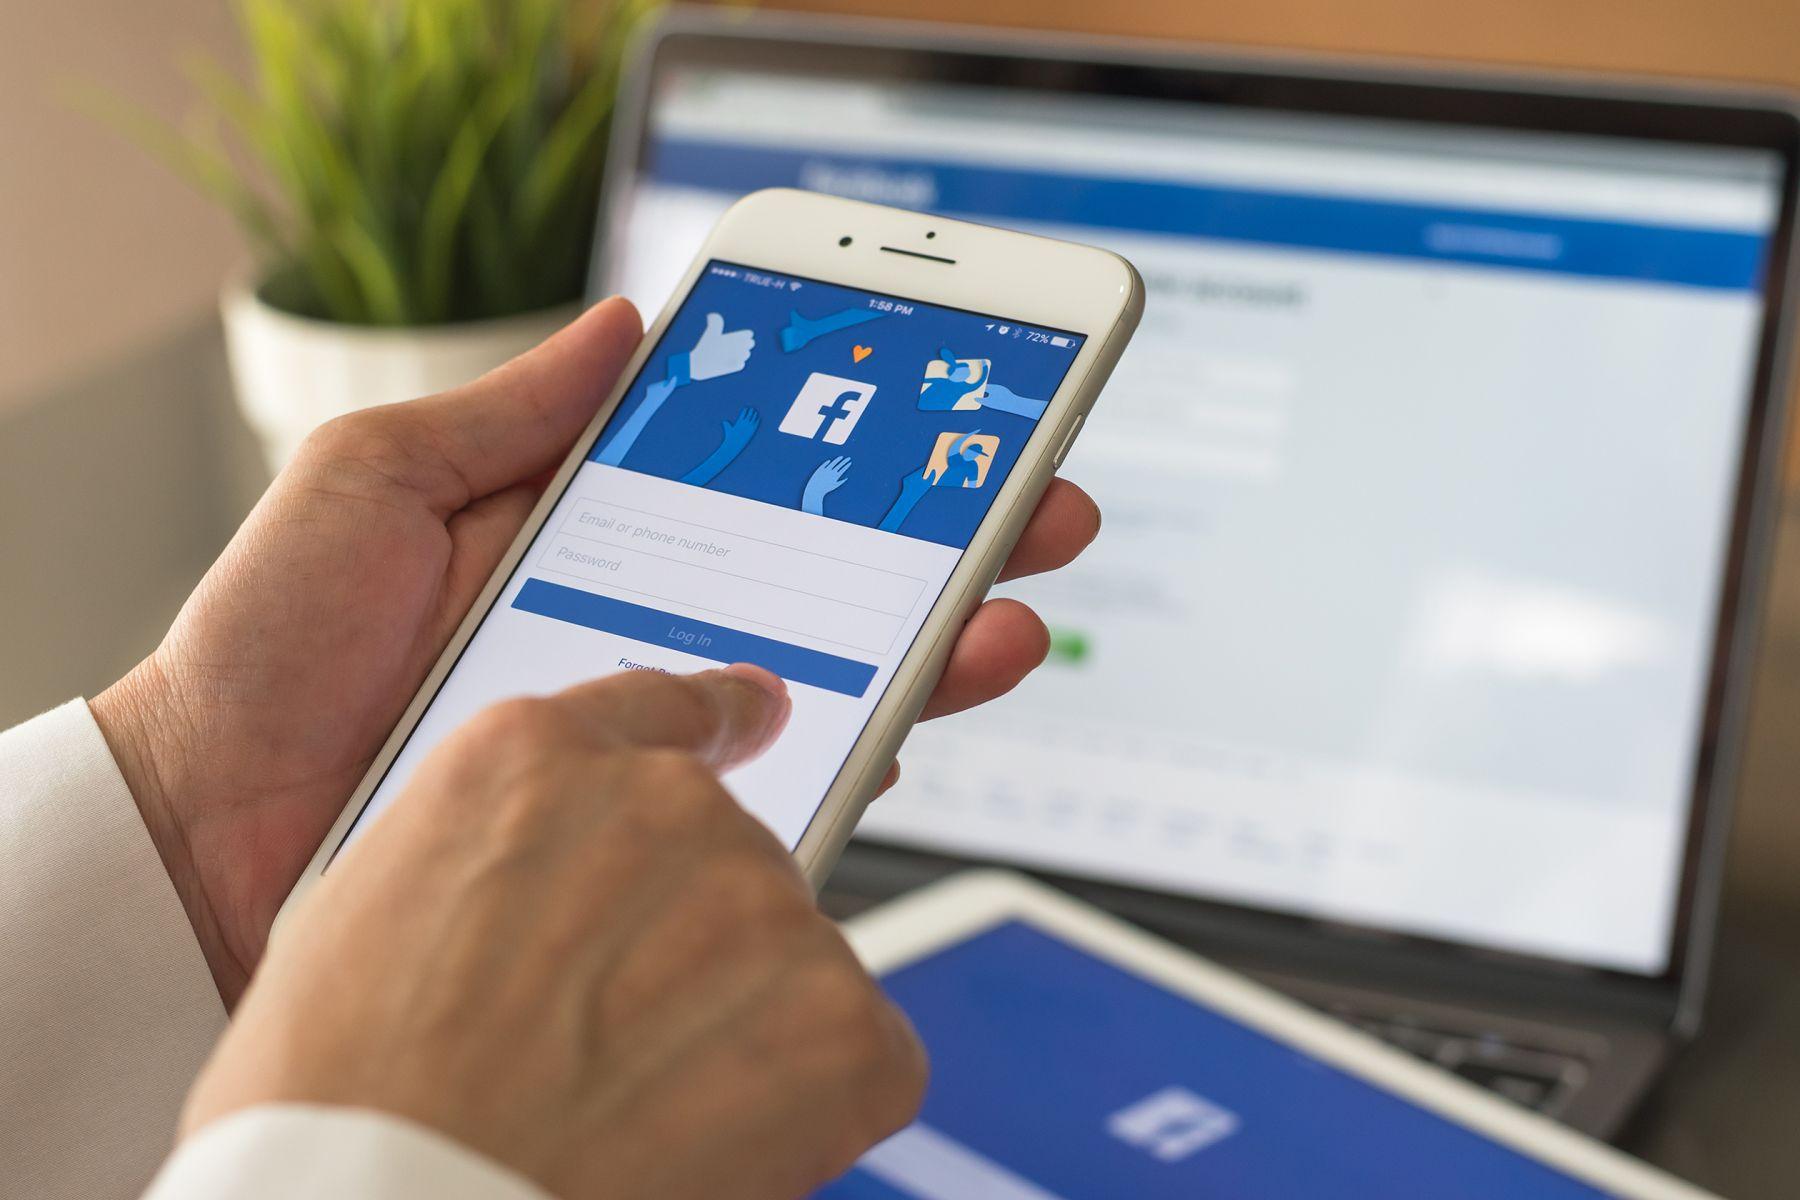 臉書Q2營收、DAU均遜色 盤後挫逾20% 市值秒掉1230億美元